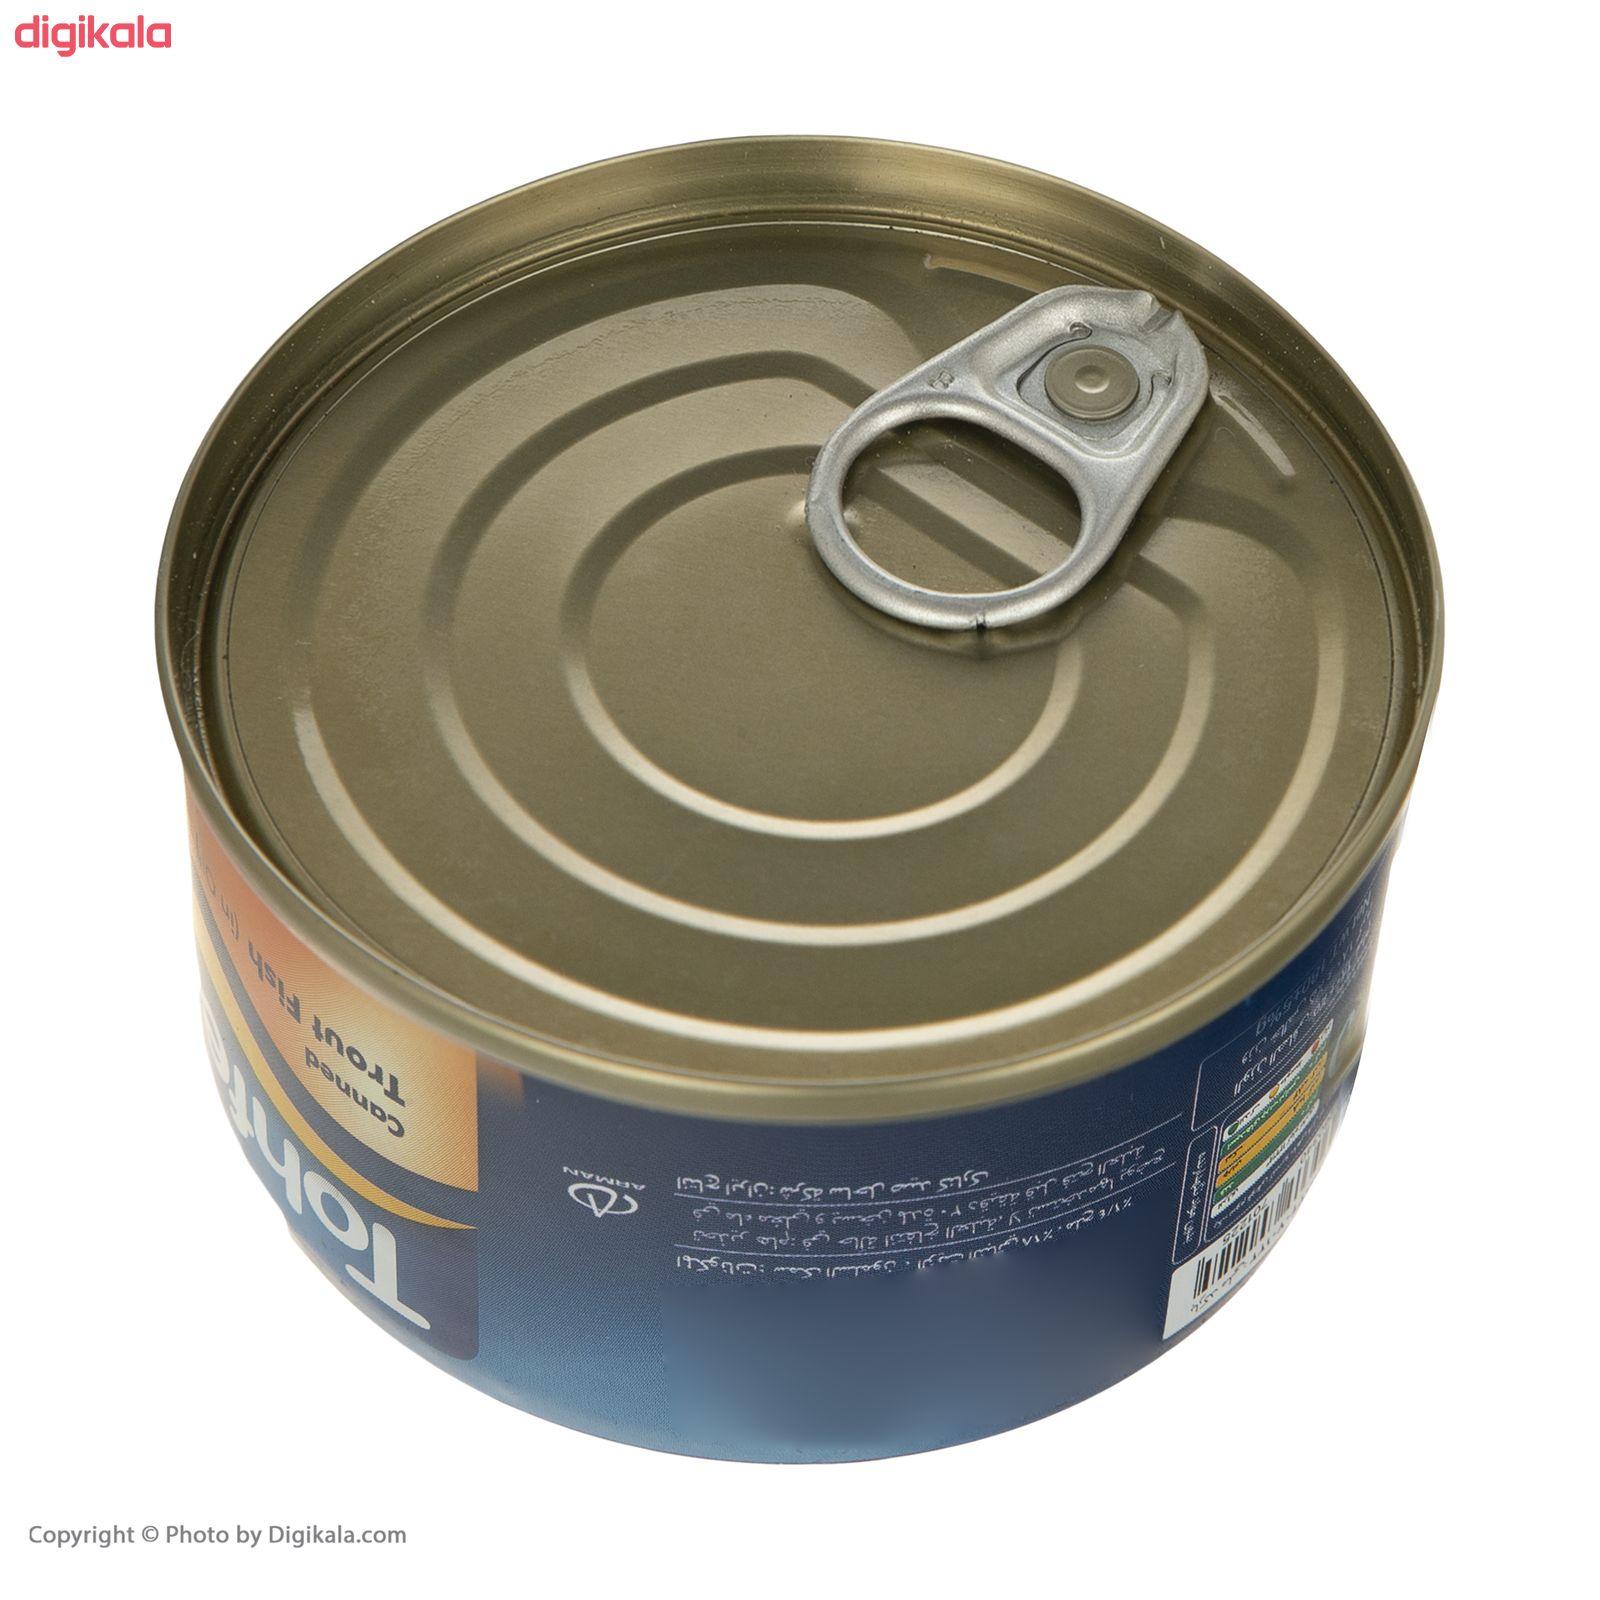 کنسرو ماهی قزل آلا در روغن تحفه - 180 گرم main 1 3